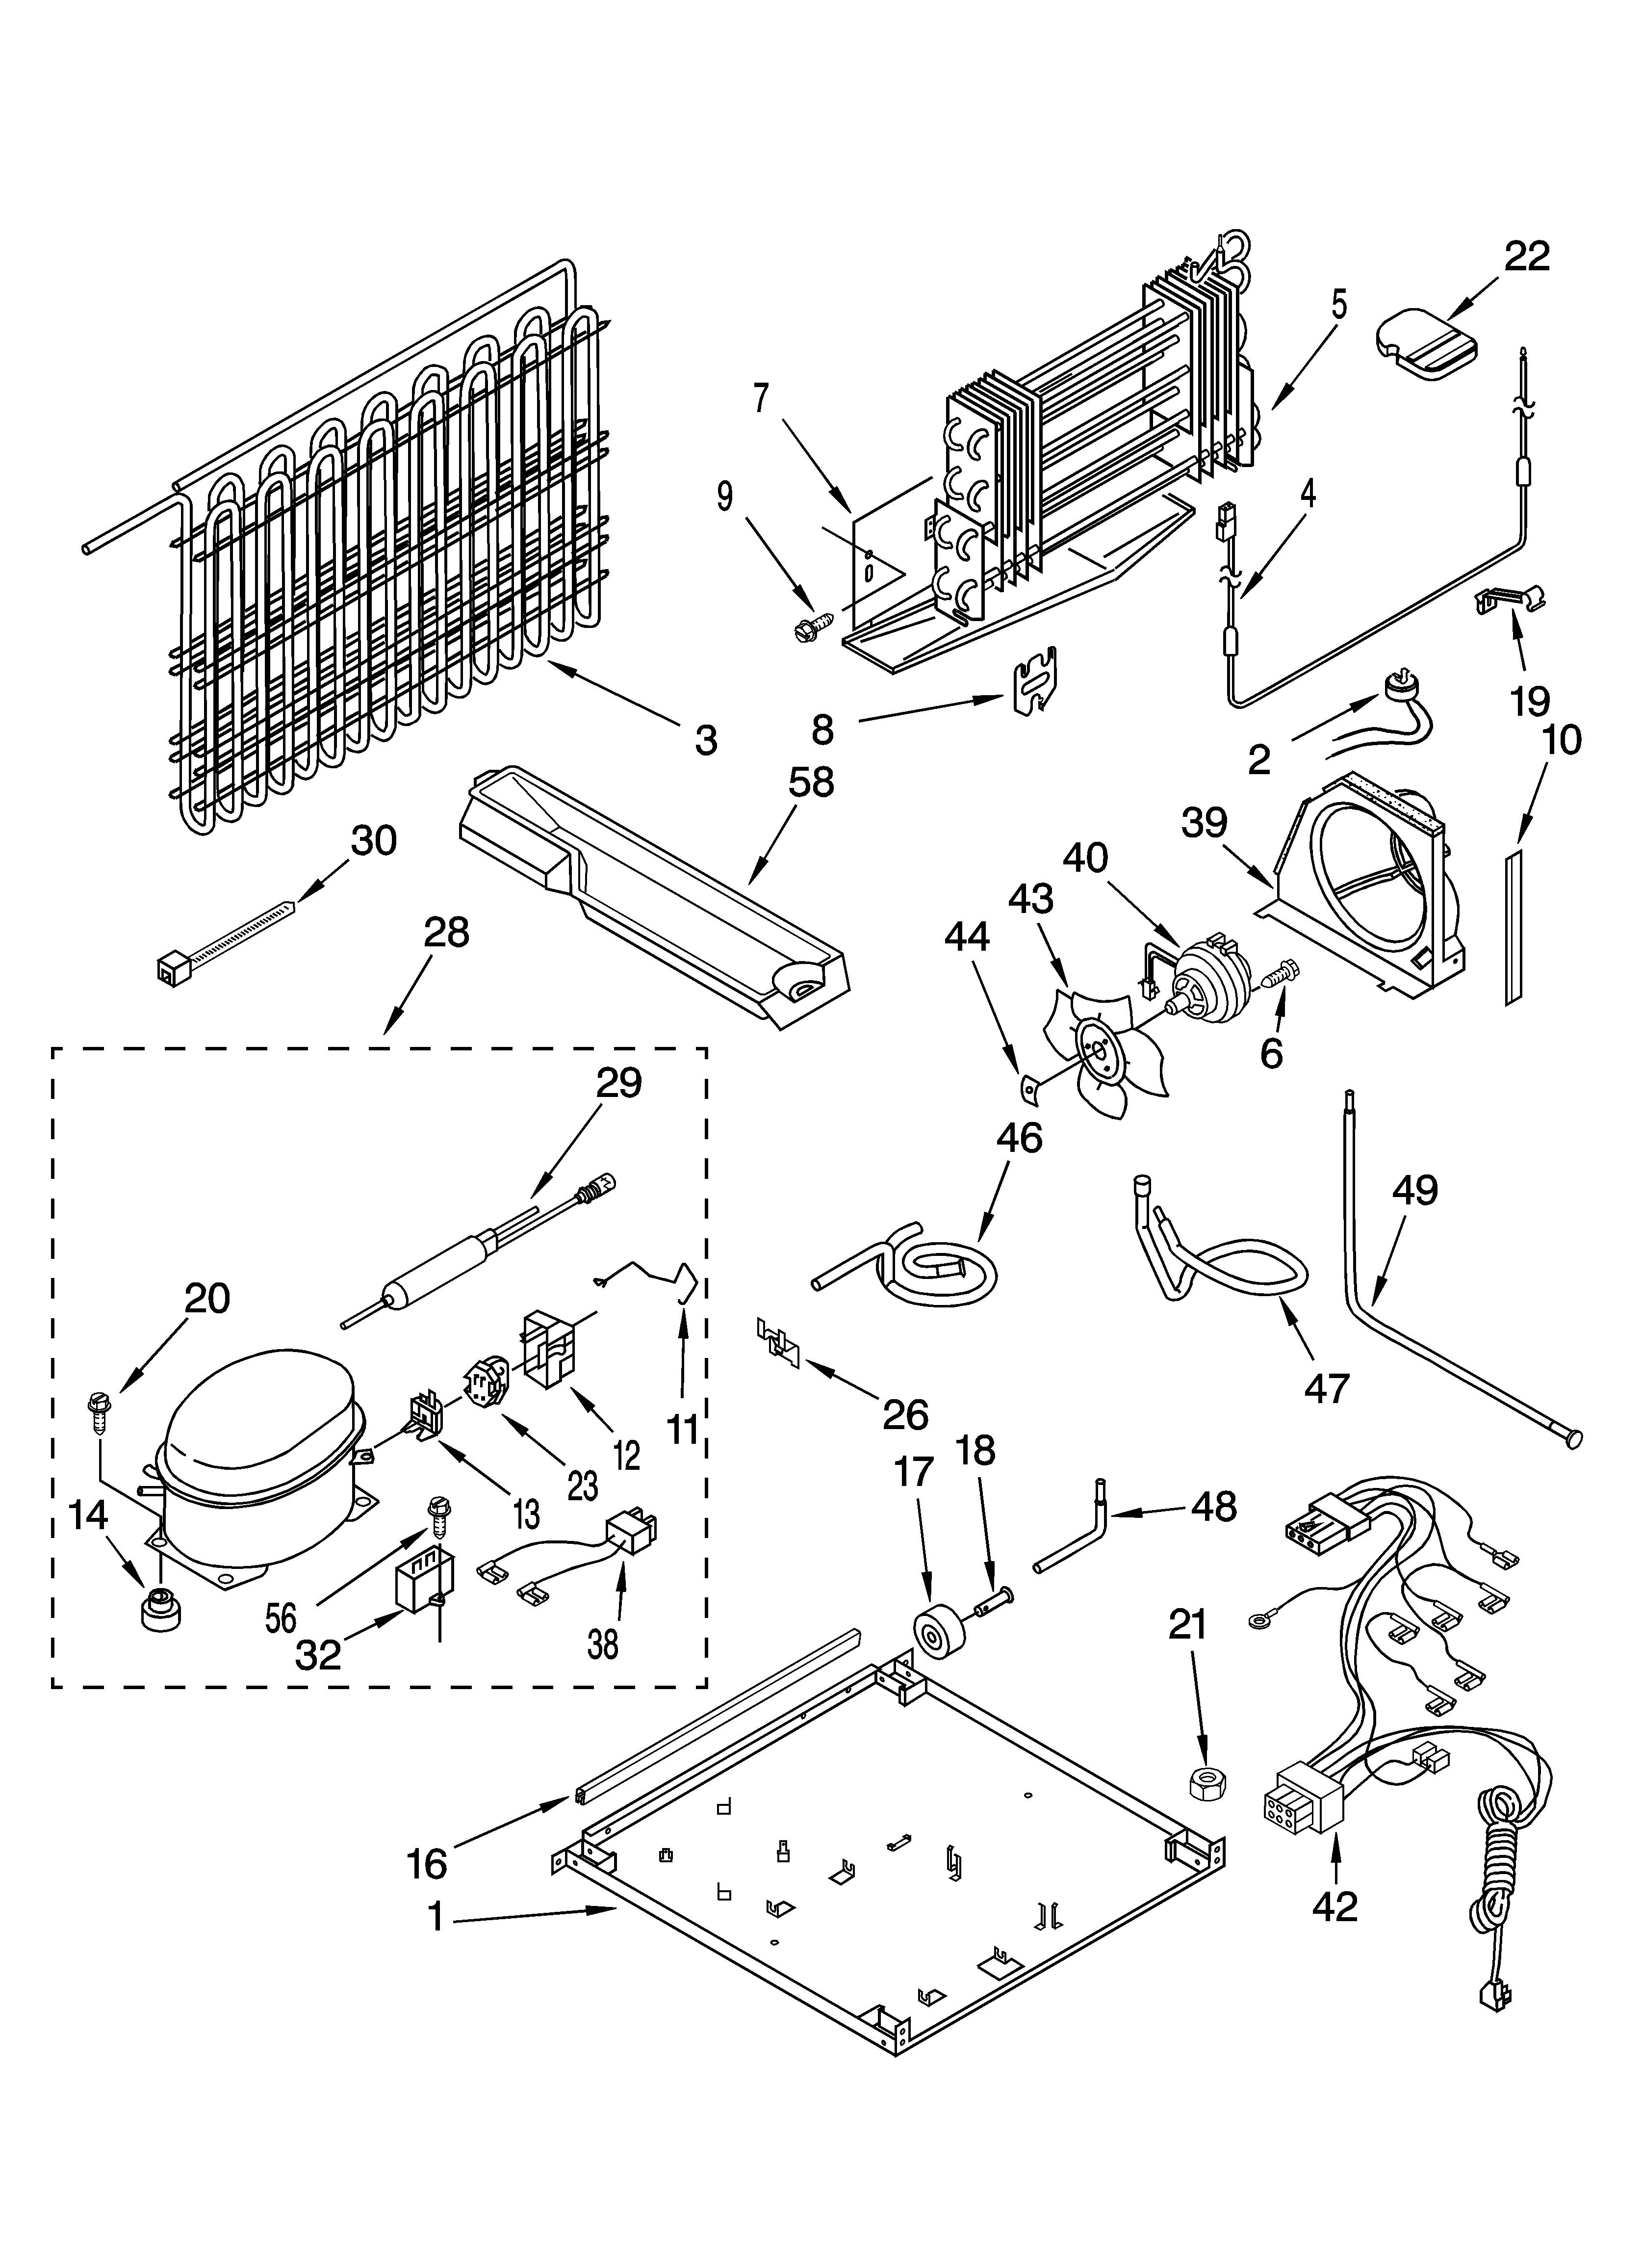 Kenmore model 10677292790 top-mount refrigerator genuine parts